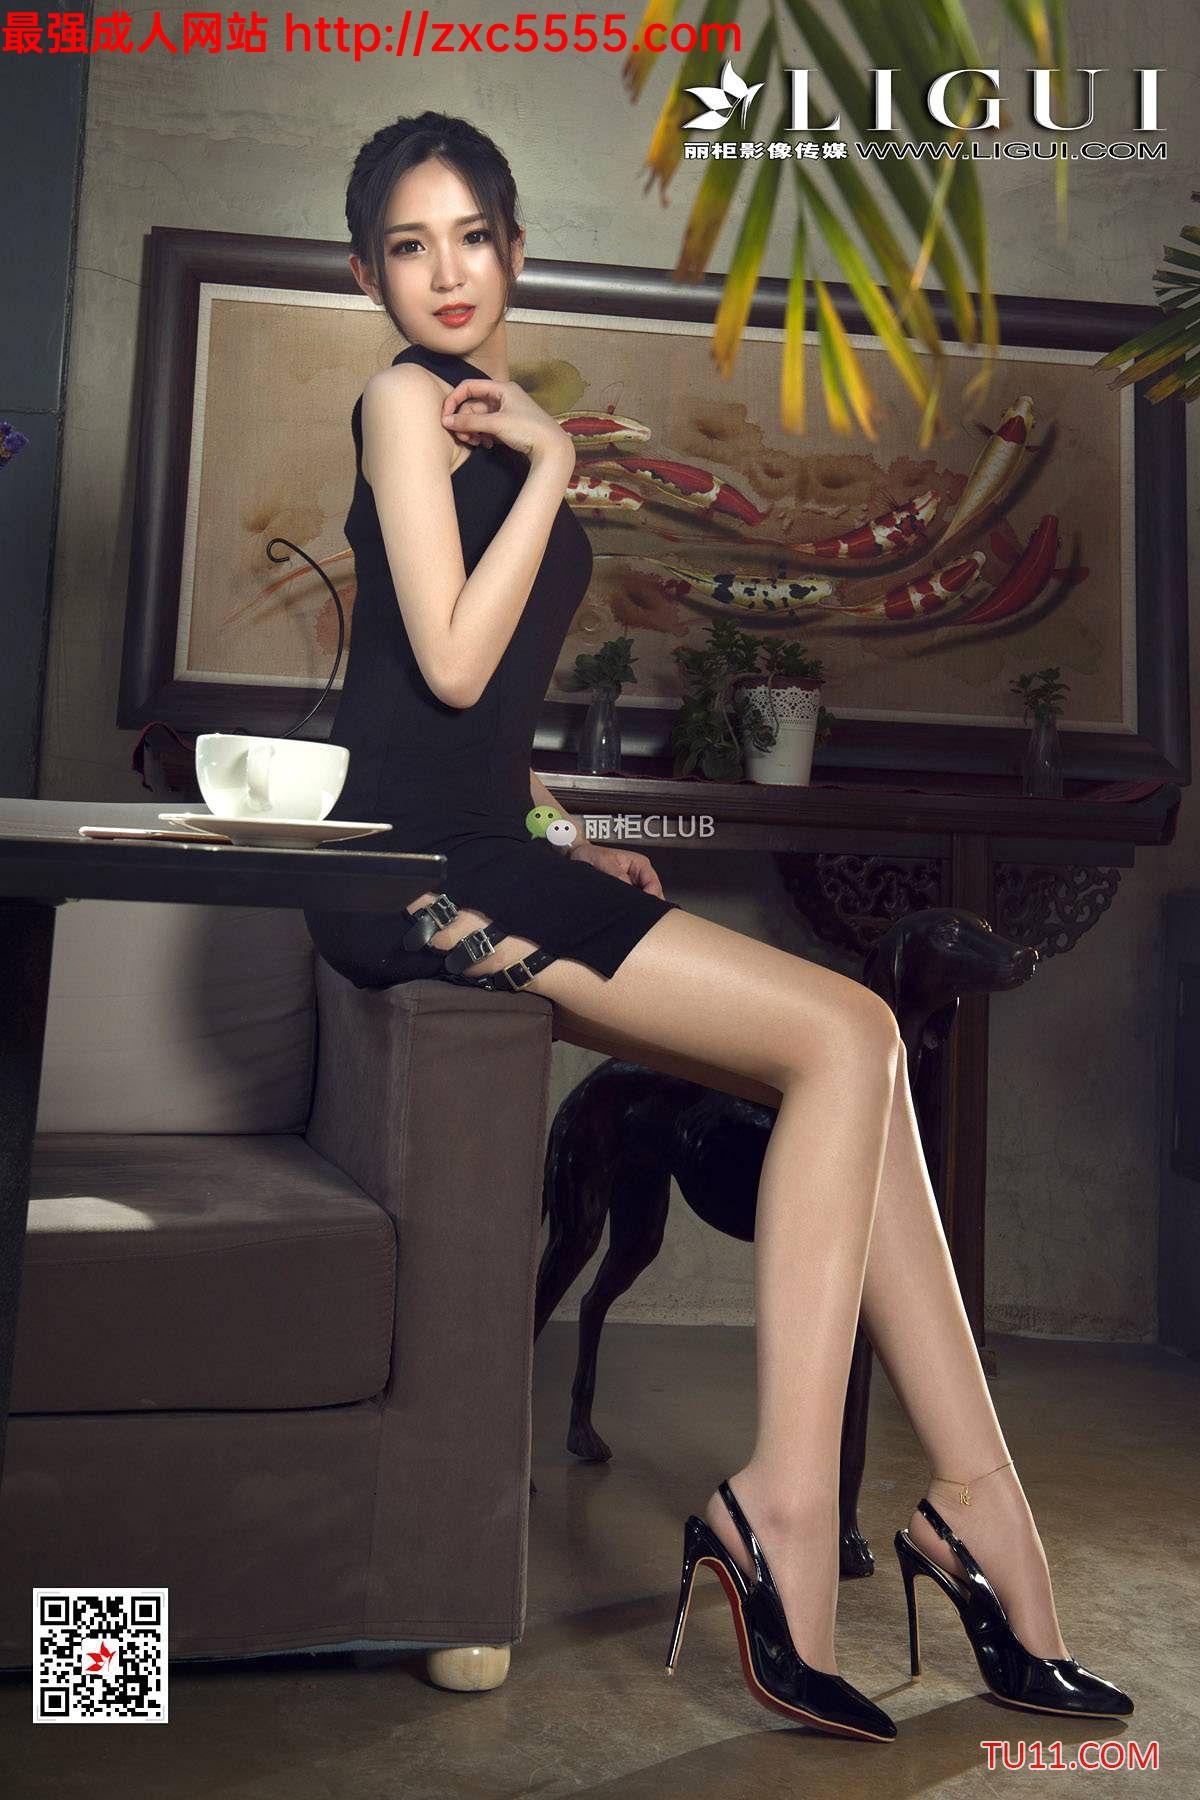 欧美美女性爱小电影_美女诱惑肉色美腿紧身衣写真【31P】_丝袜诱惑-一级片-亚洲最大 ...